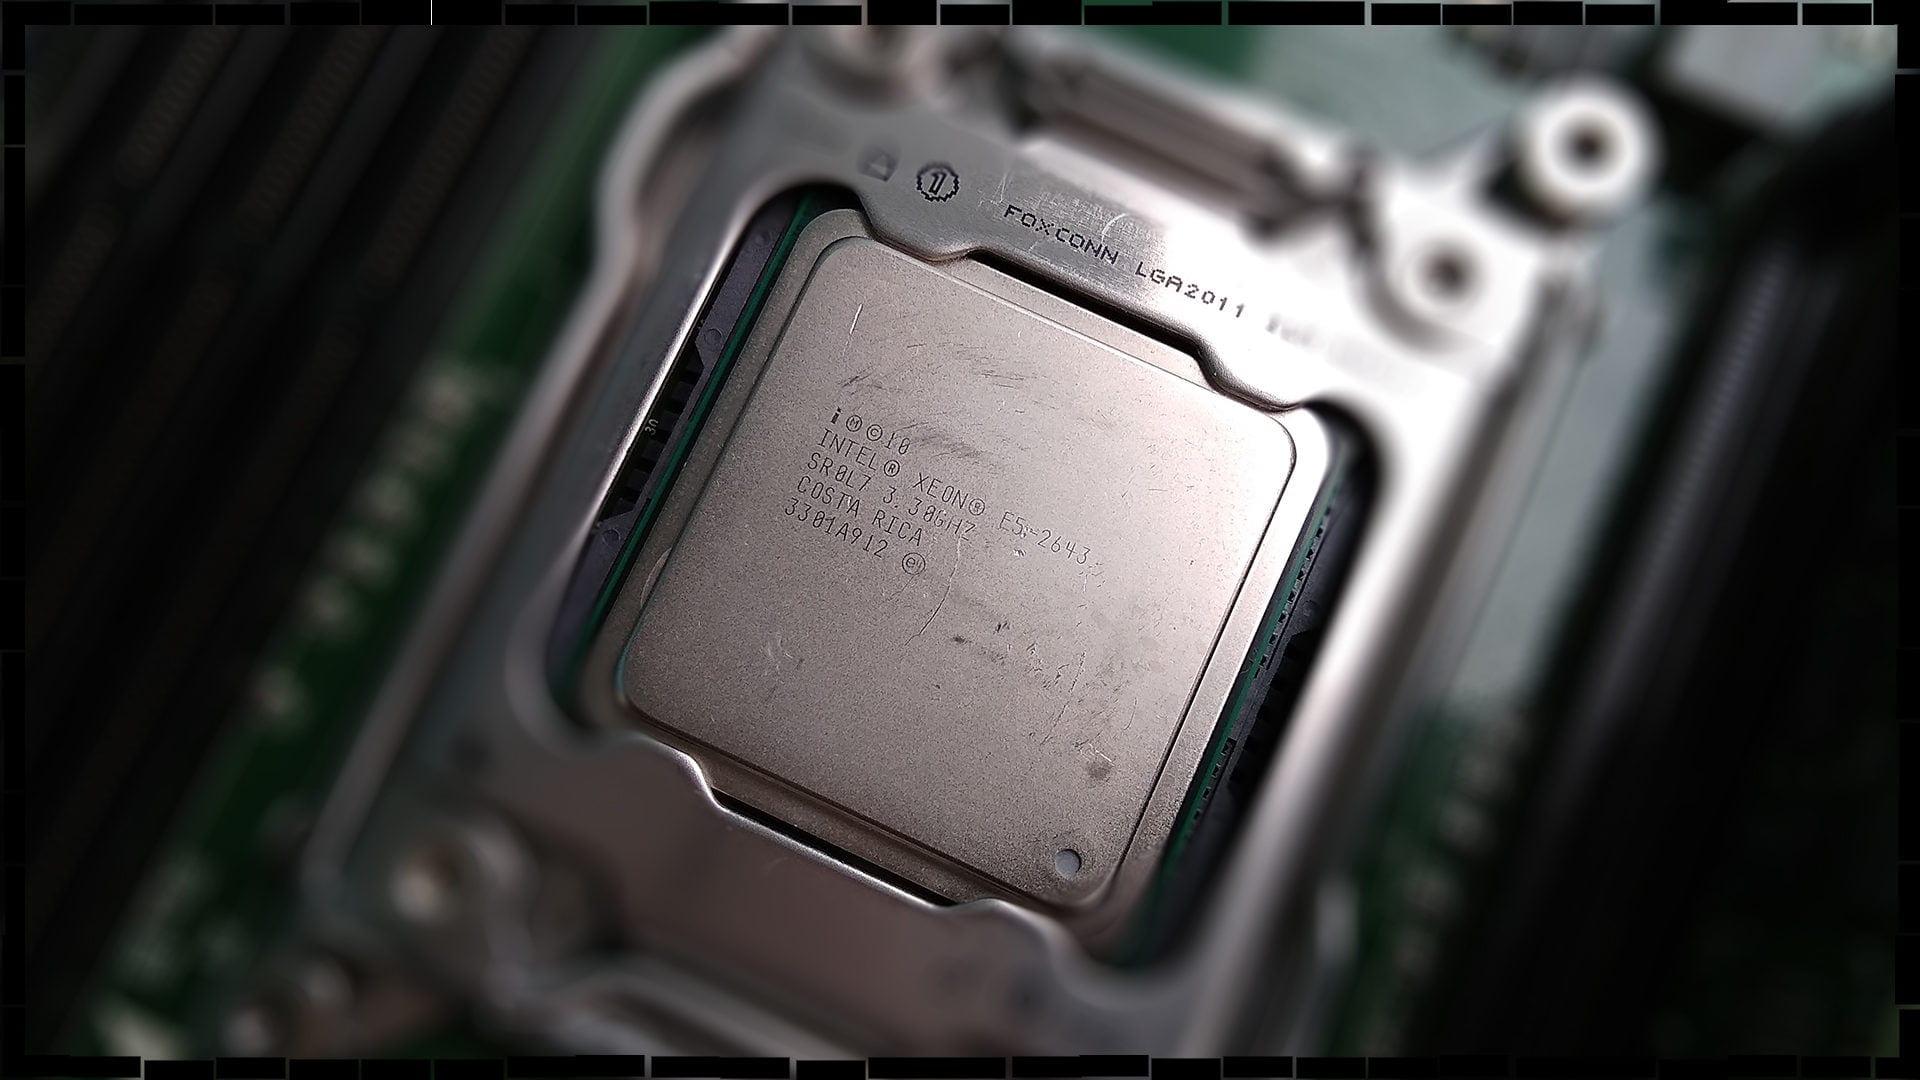 Обзор и тестирование процессора Intel Xeon E5-2643